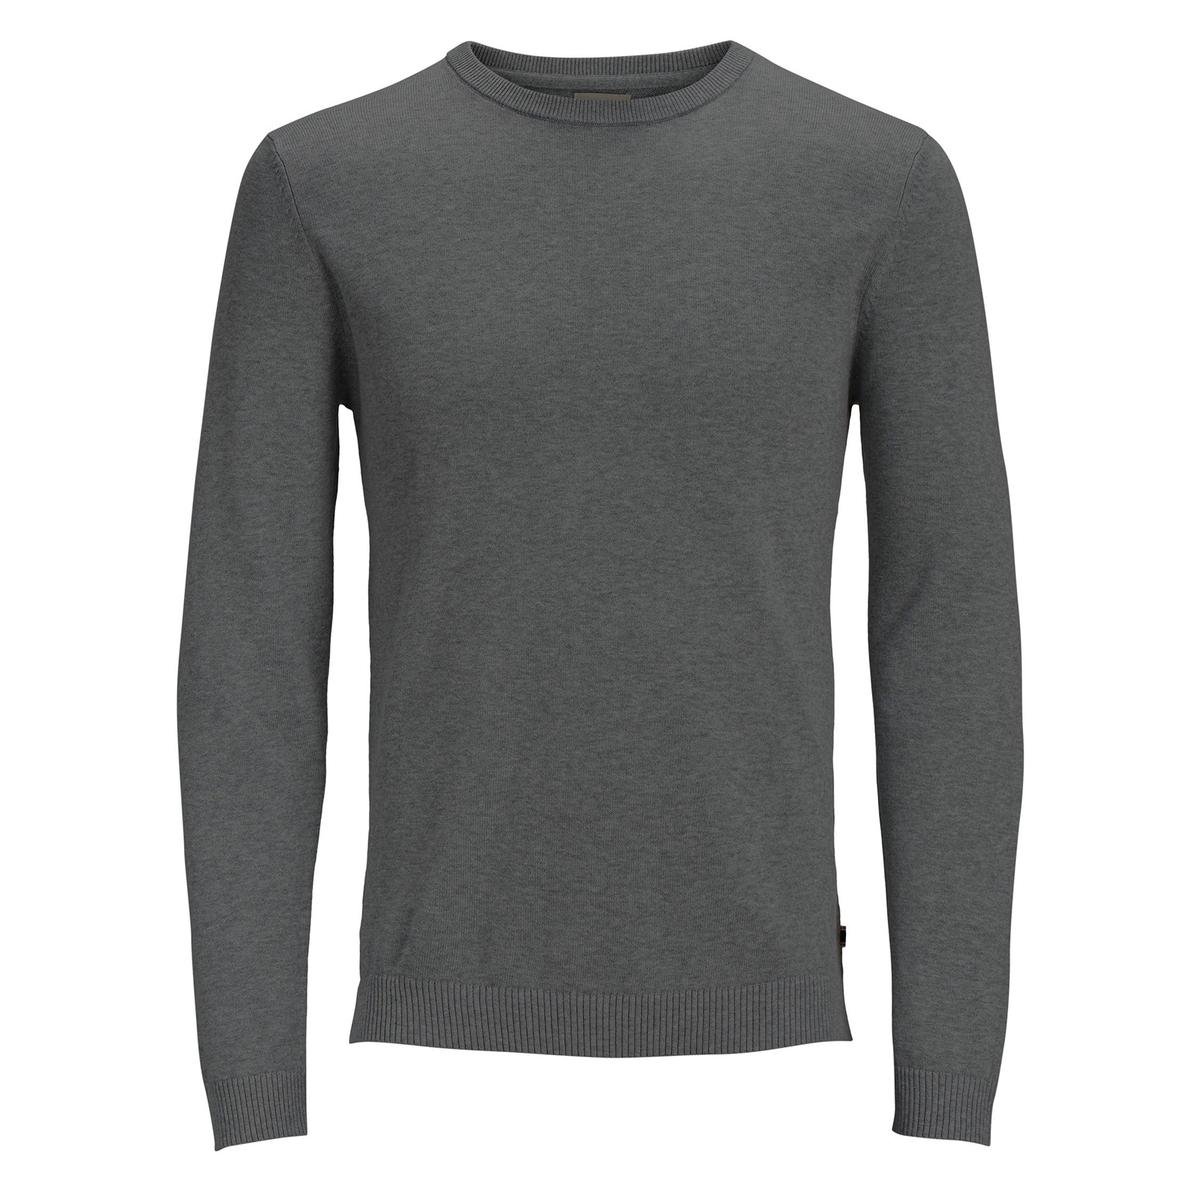 Пуловер La Redoute С круглым вырезом из тонкого трикотажа XXL серый пуловер la redoute с круглым вырезом из тонкого трикотажа m красный